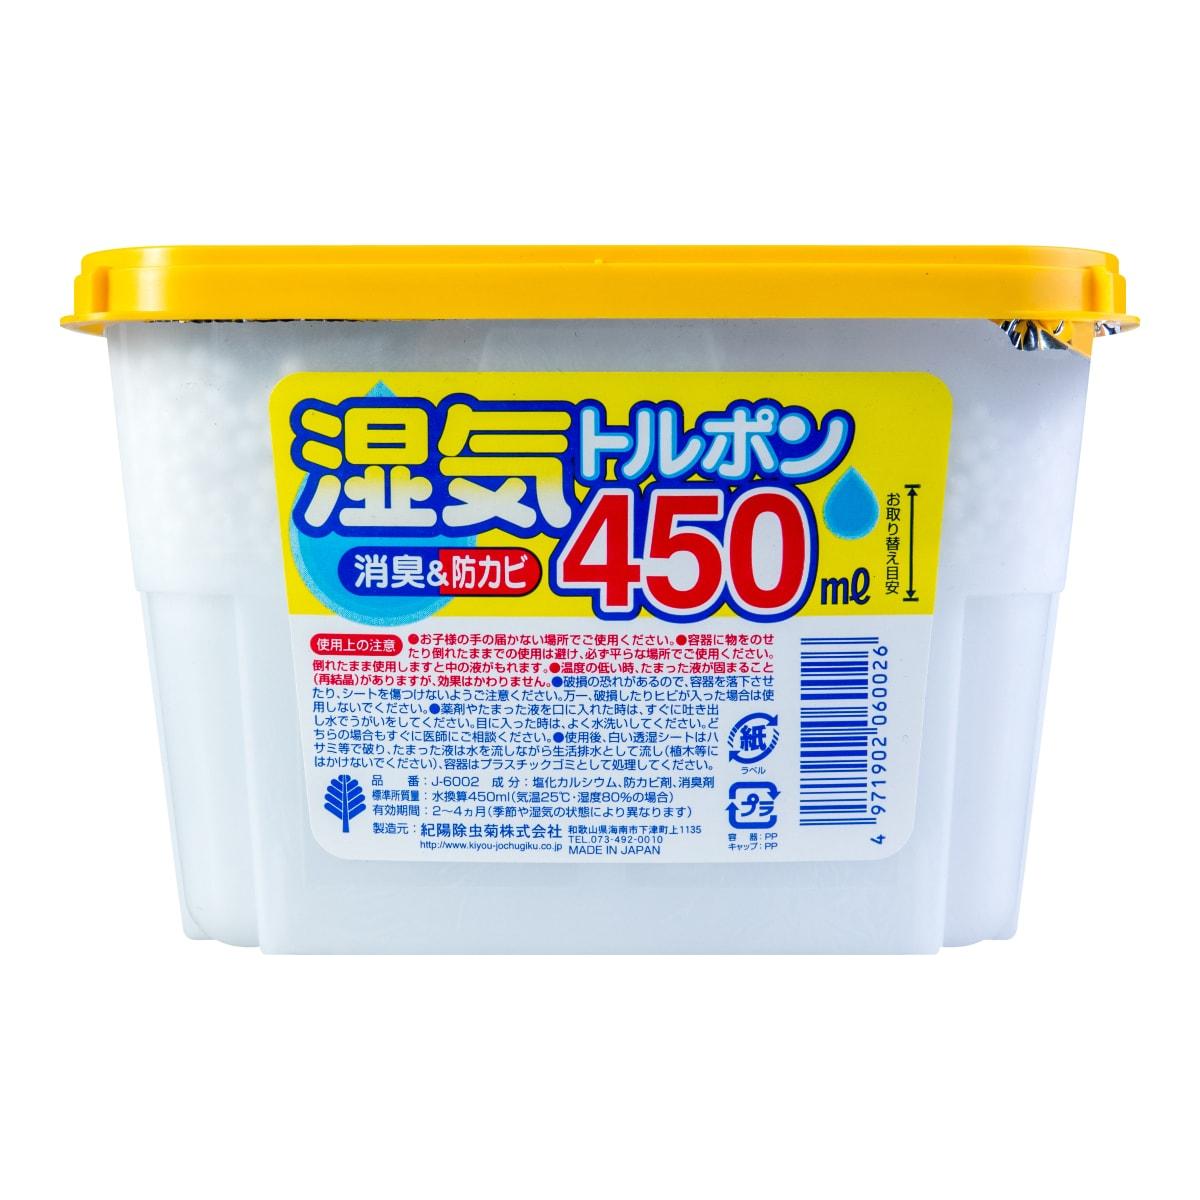 日本KOKUBO小久保 强力除湿防潮脱臭剂 1件入